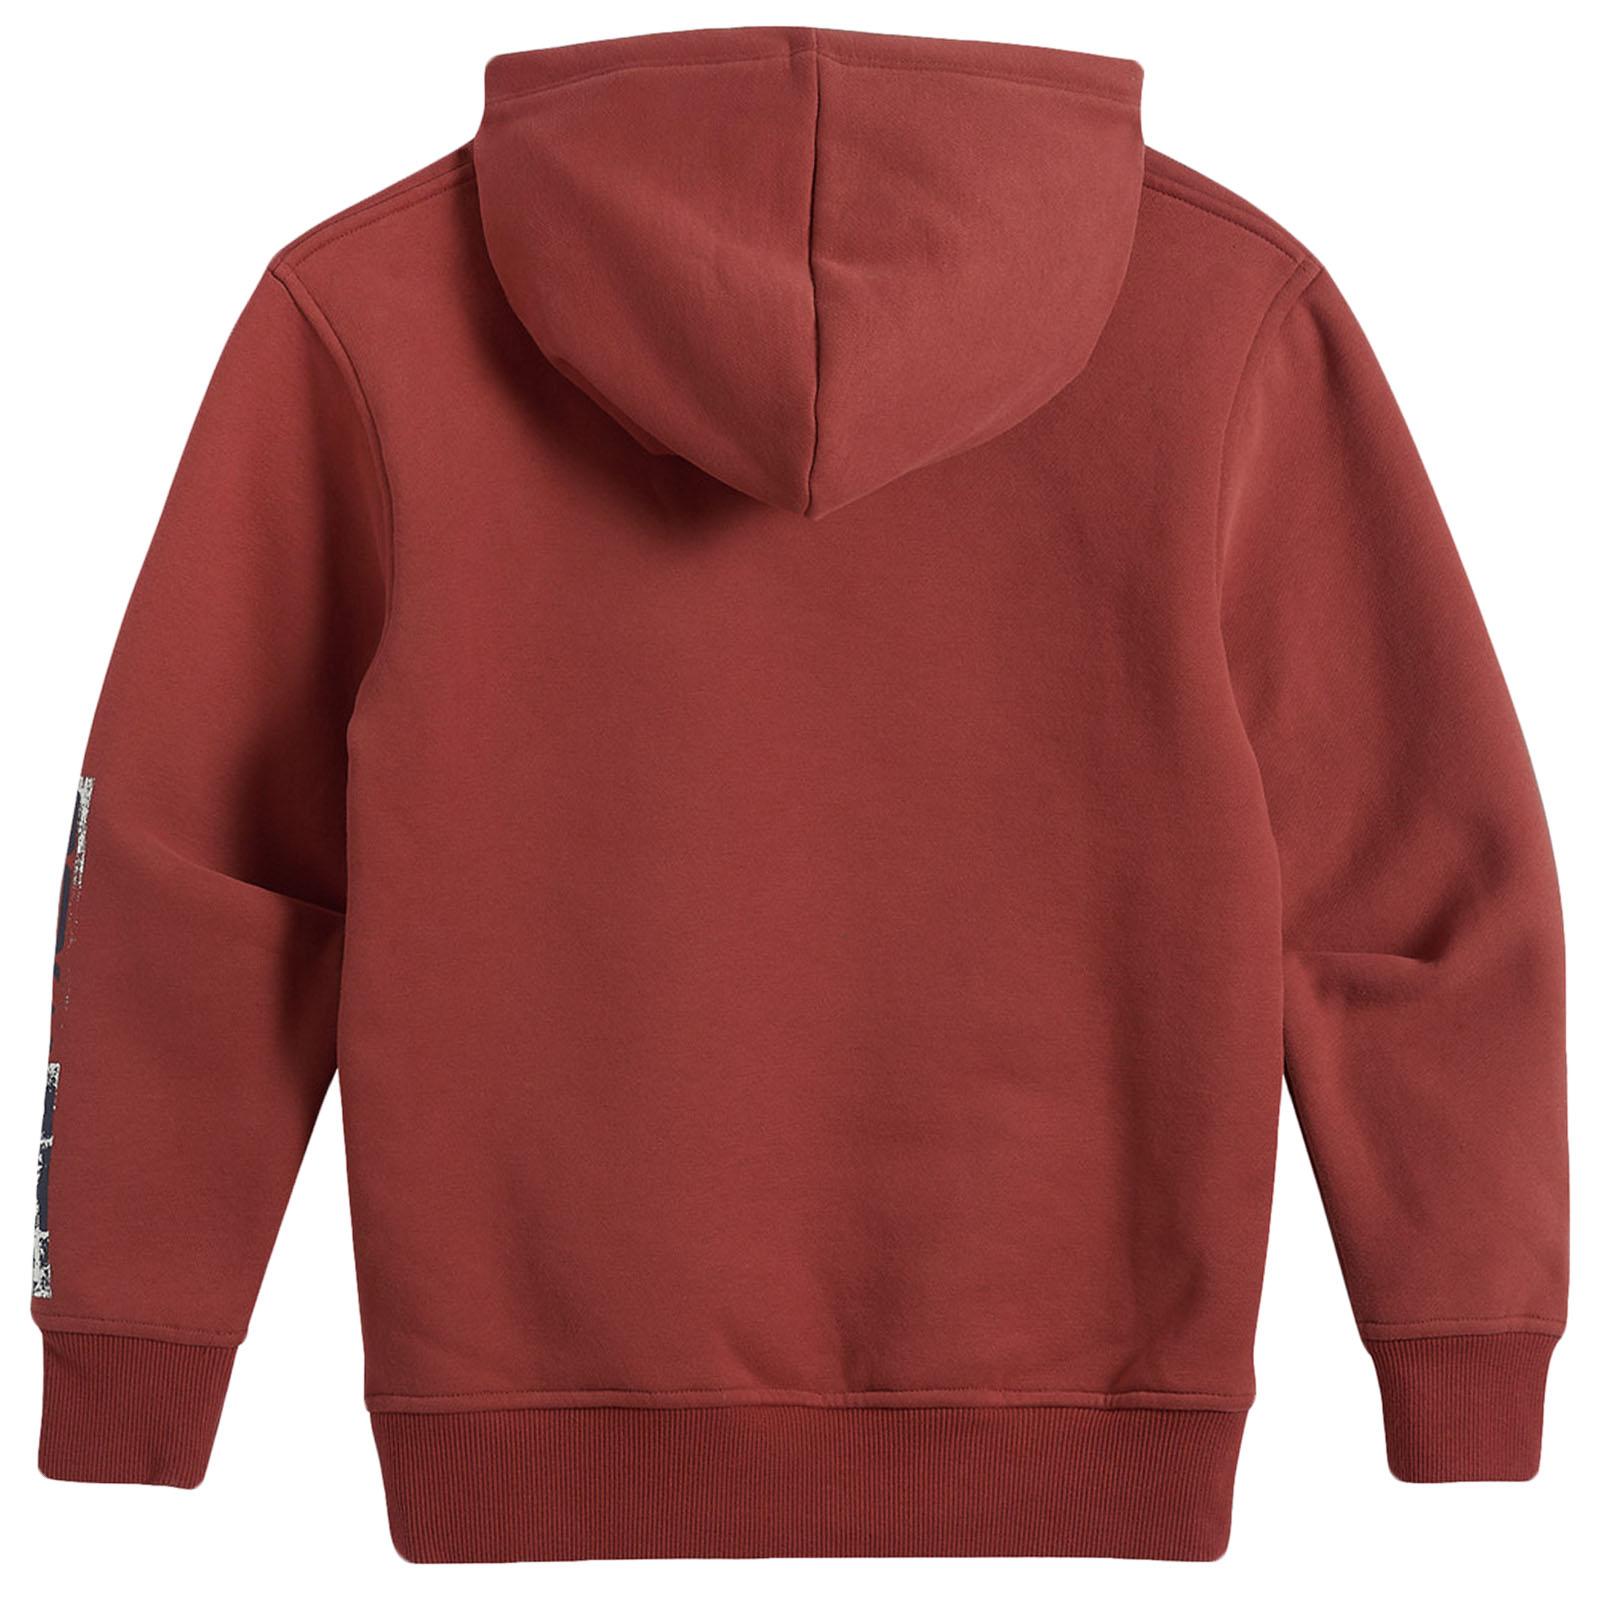 Animale Ragazzi Bambini Roadie a maniche lunghe con cappuccio Pullover Felpa Con Cappuccio Maglione sweatershirt